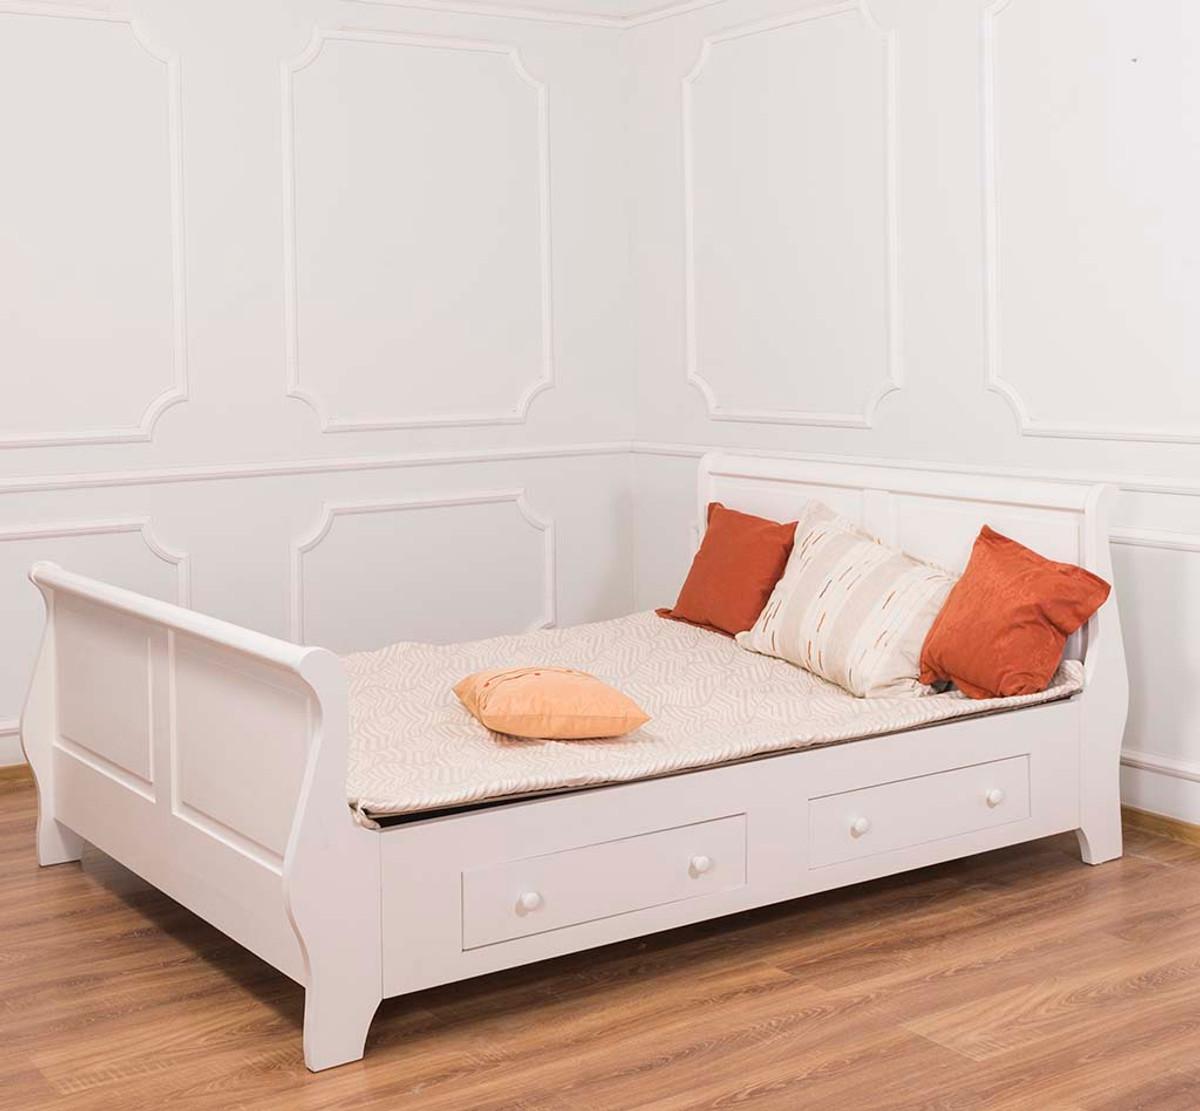 Casa Padrino Landhausstil Bett Altweiß 140 X 200 Cm   Schlafzimmermöbel Im  Landhausstil